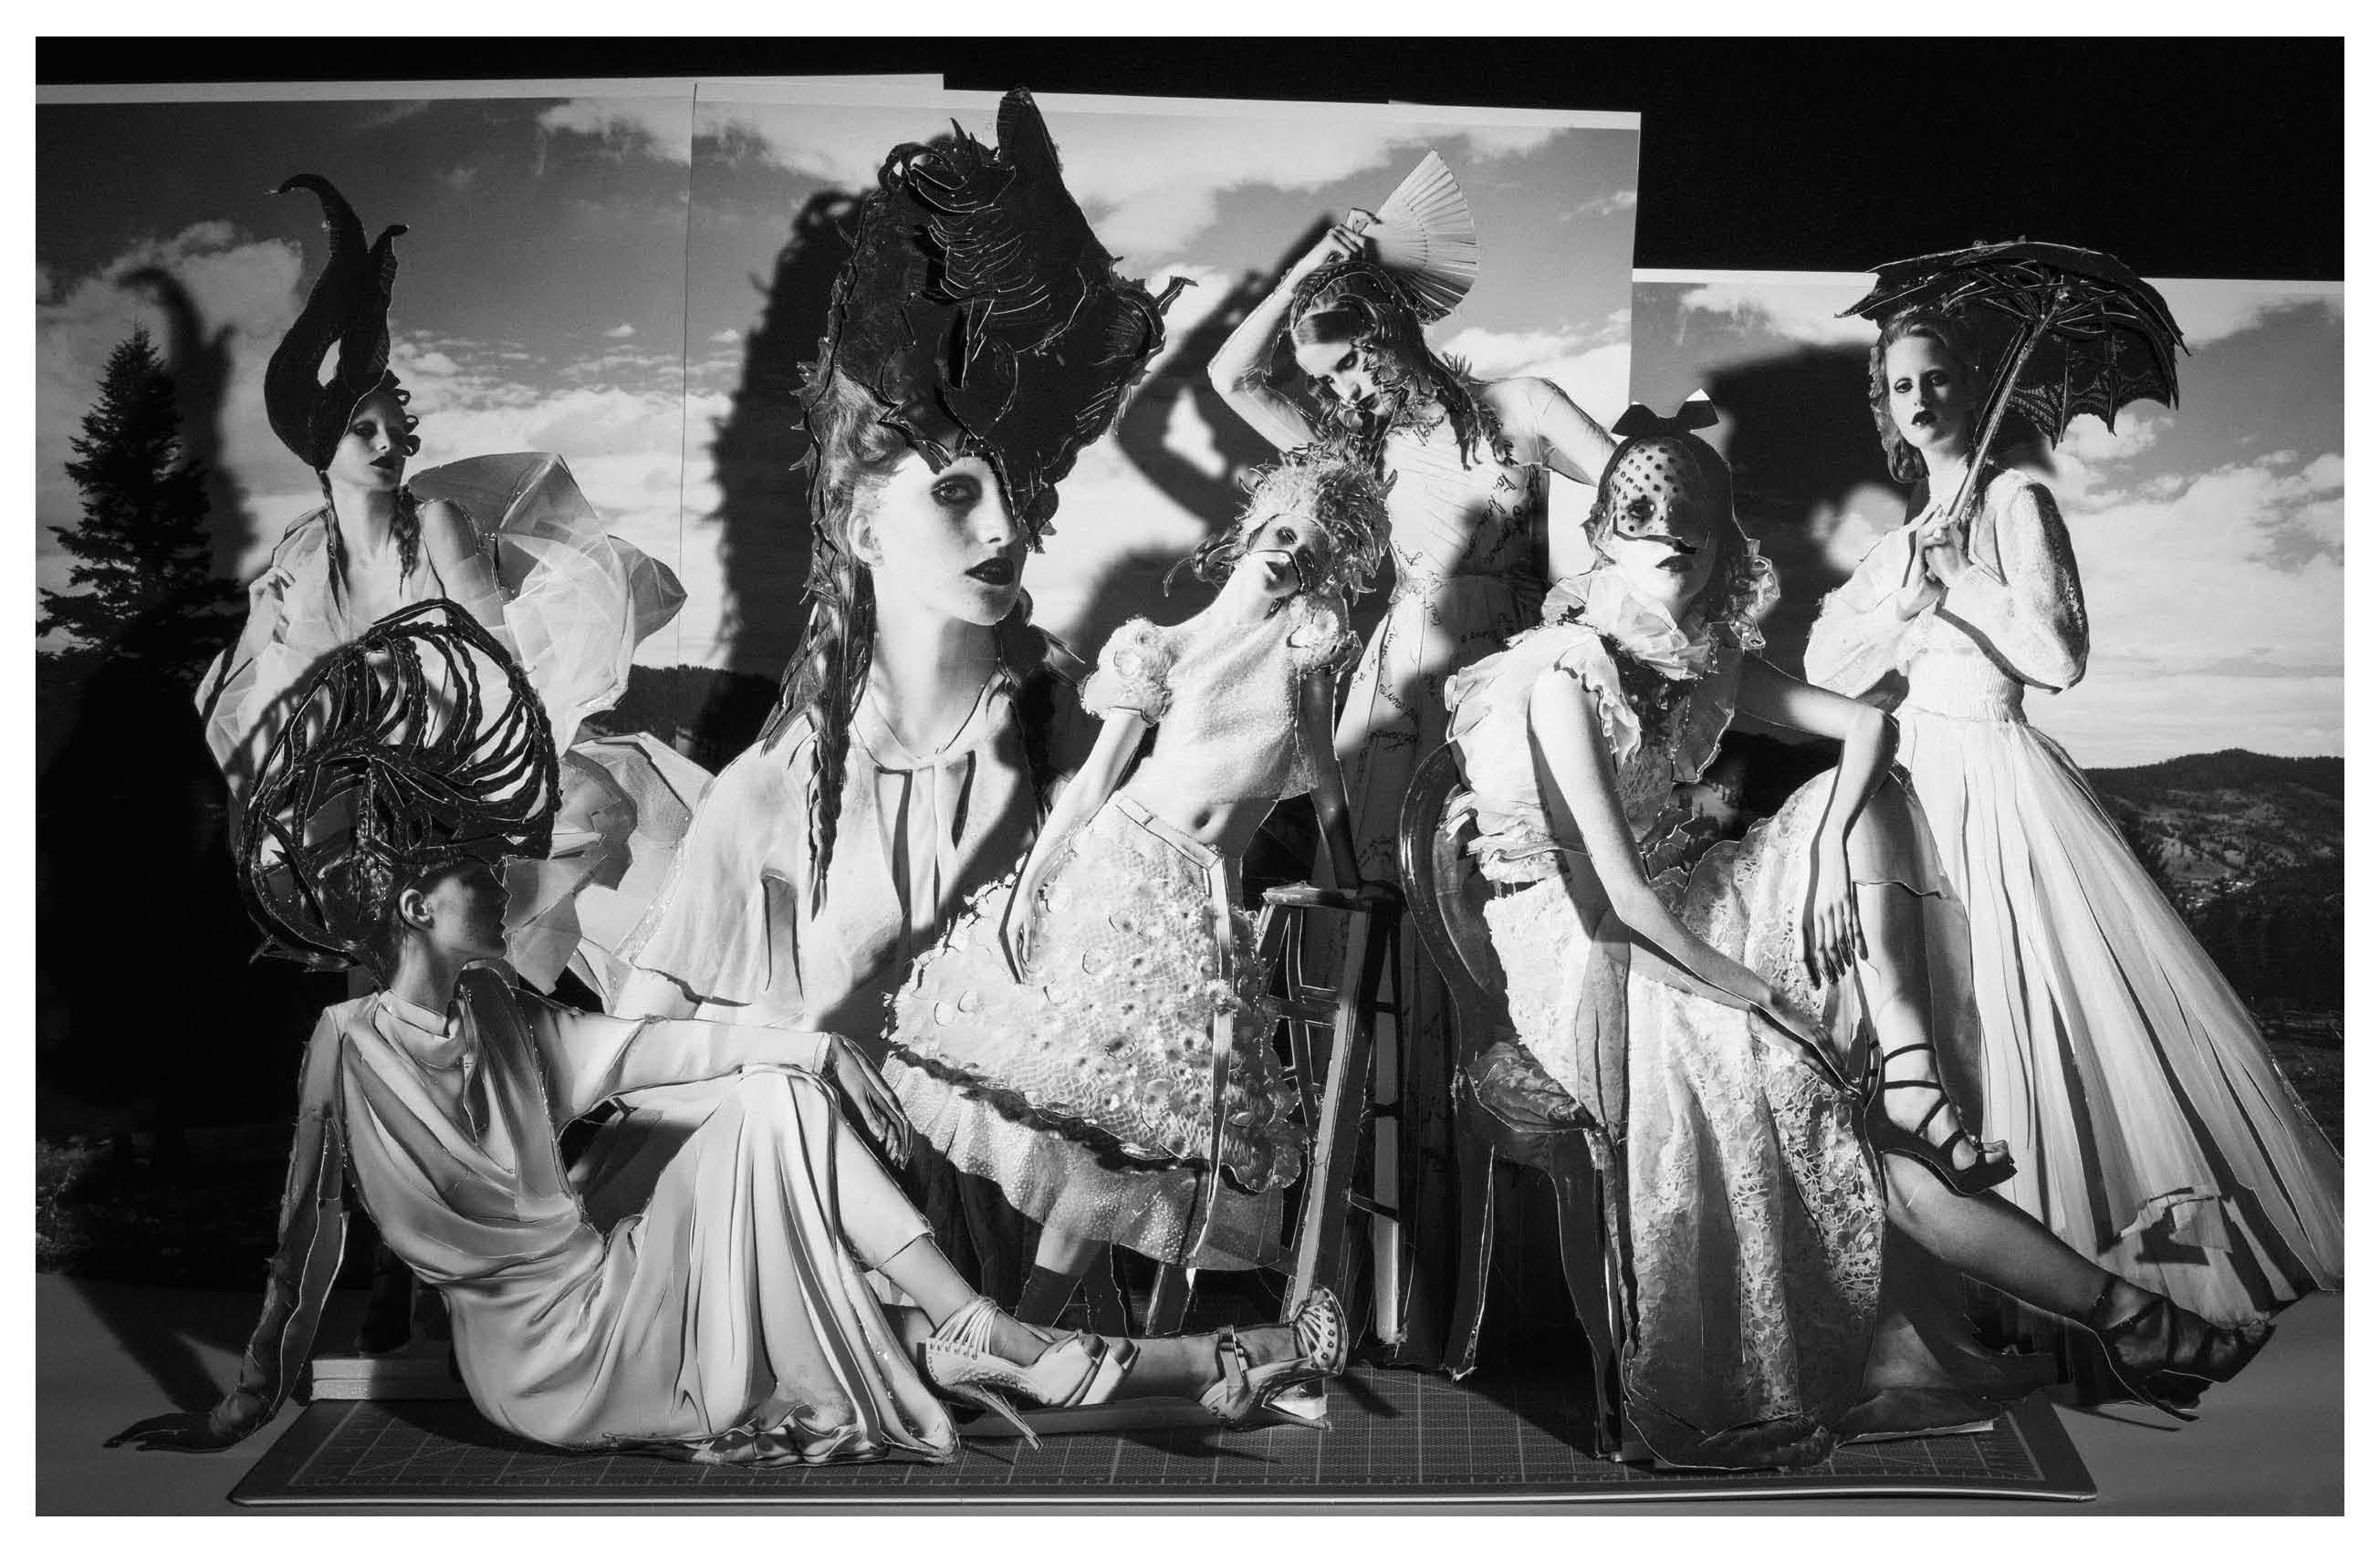 De gauche à droite : robe en satin de soie, ALEXANDRE VAUTHIER COUTURE. Chapeau, HEATHER HUEY. Robe en cady de soie, BOUCHRA JARRAR.Chapeau, HEATHER HUEY. Sandales, GAULTIER PARIS. Robe en mousseline de soie et dentelle, GIVENCHY HAUTE COUTURE PAR RICCARDO TISCI.Chapeau, HEATHER HUEY. Haute et jupe en organza et tulle, ceinture, bonnet et bottines, CHANEL HAUTE COUTURE. Robe en tulle brodéde jais, VALENTINO HAUTE COUTURE. Robe en dentelles brodée de fleurs, voilettes et sandales, GIAMBATTISTA VALLI COUTURE. Robe en tulle brodé et sandales, GAULTIER PARIS.  Réalisation : Charles Varenne assisté de Chloé Badawy et de Cecilia Bowe. Mannequin : Magdalena Jasek chez Oui Management. Maquillage : Fredrik Stambro chez Streeters. Coiffure : Jordan M chez Susan Price NYC. Numérique : Kenny Aquiles. Production : Scott Hardy chez Management + Artists.